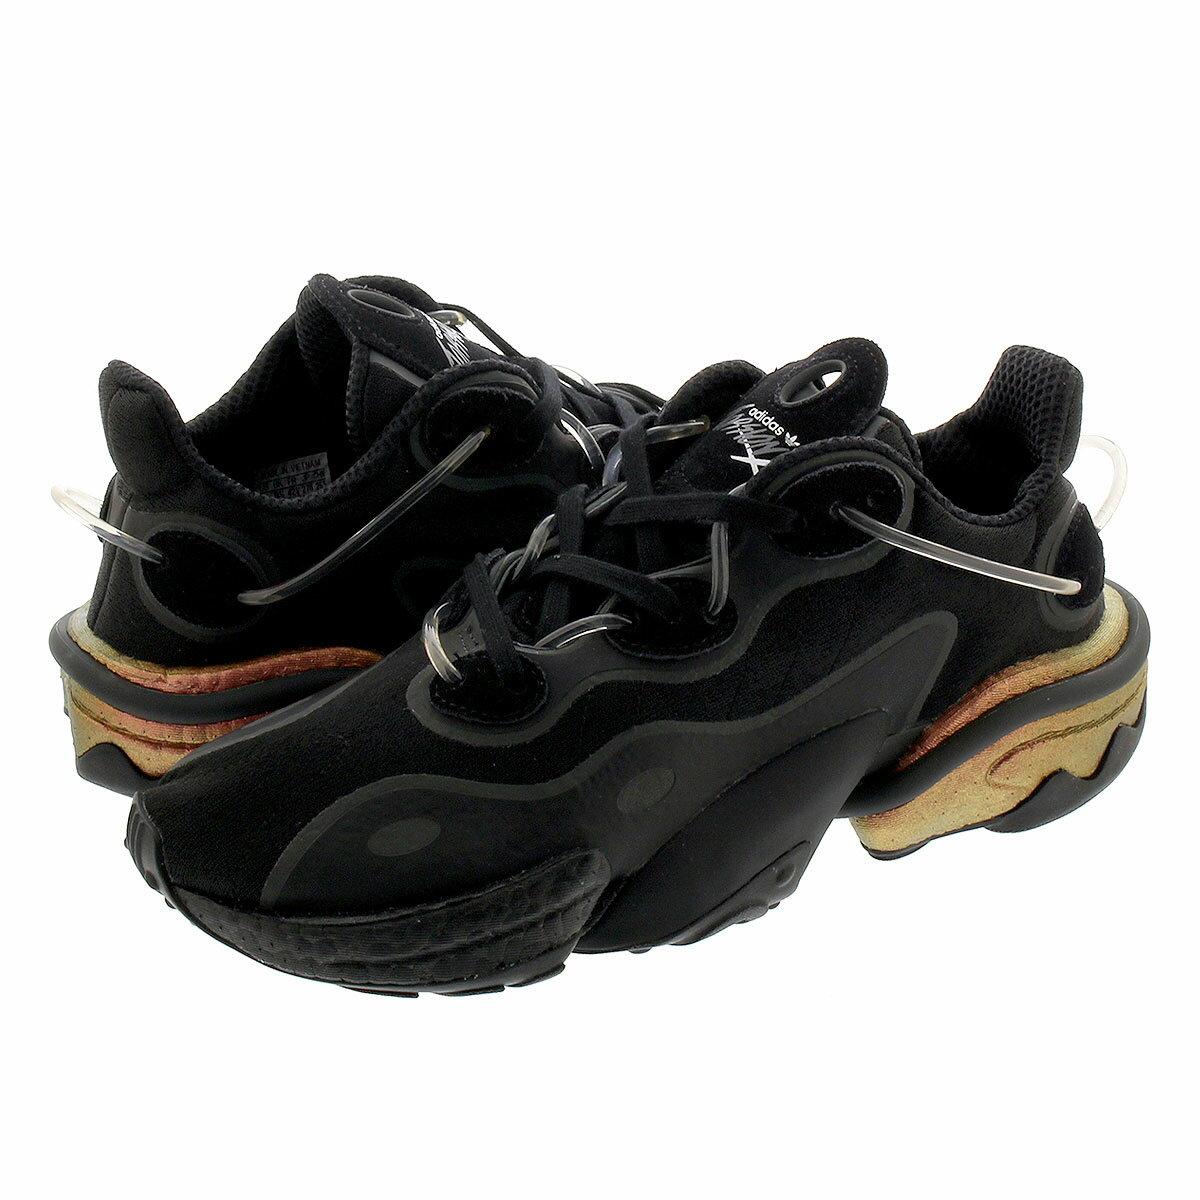 メンズ靴, スニーカー adidas TORSION X X CORE BLACKGRAY SIXBOOST ROSE GOLD METALLIC fv1544